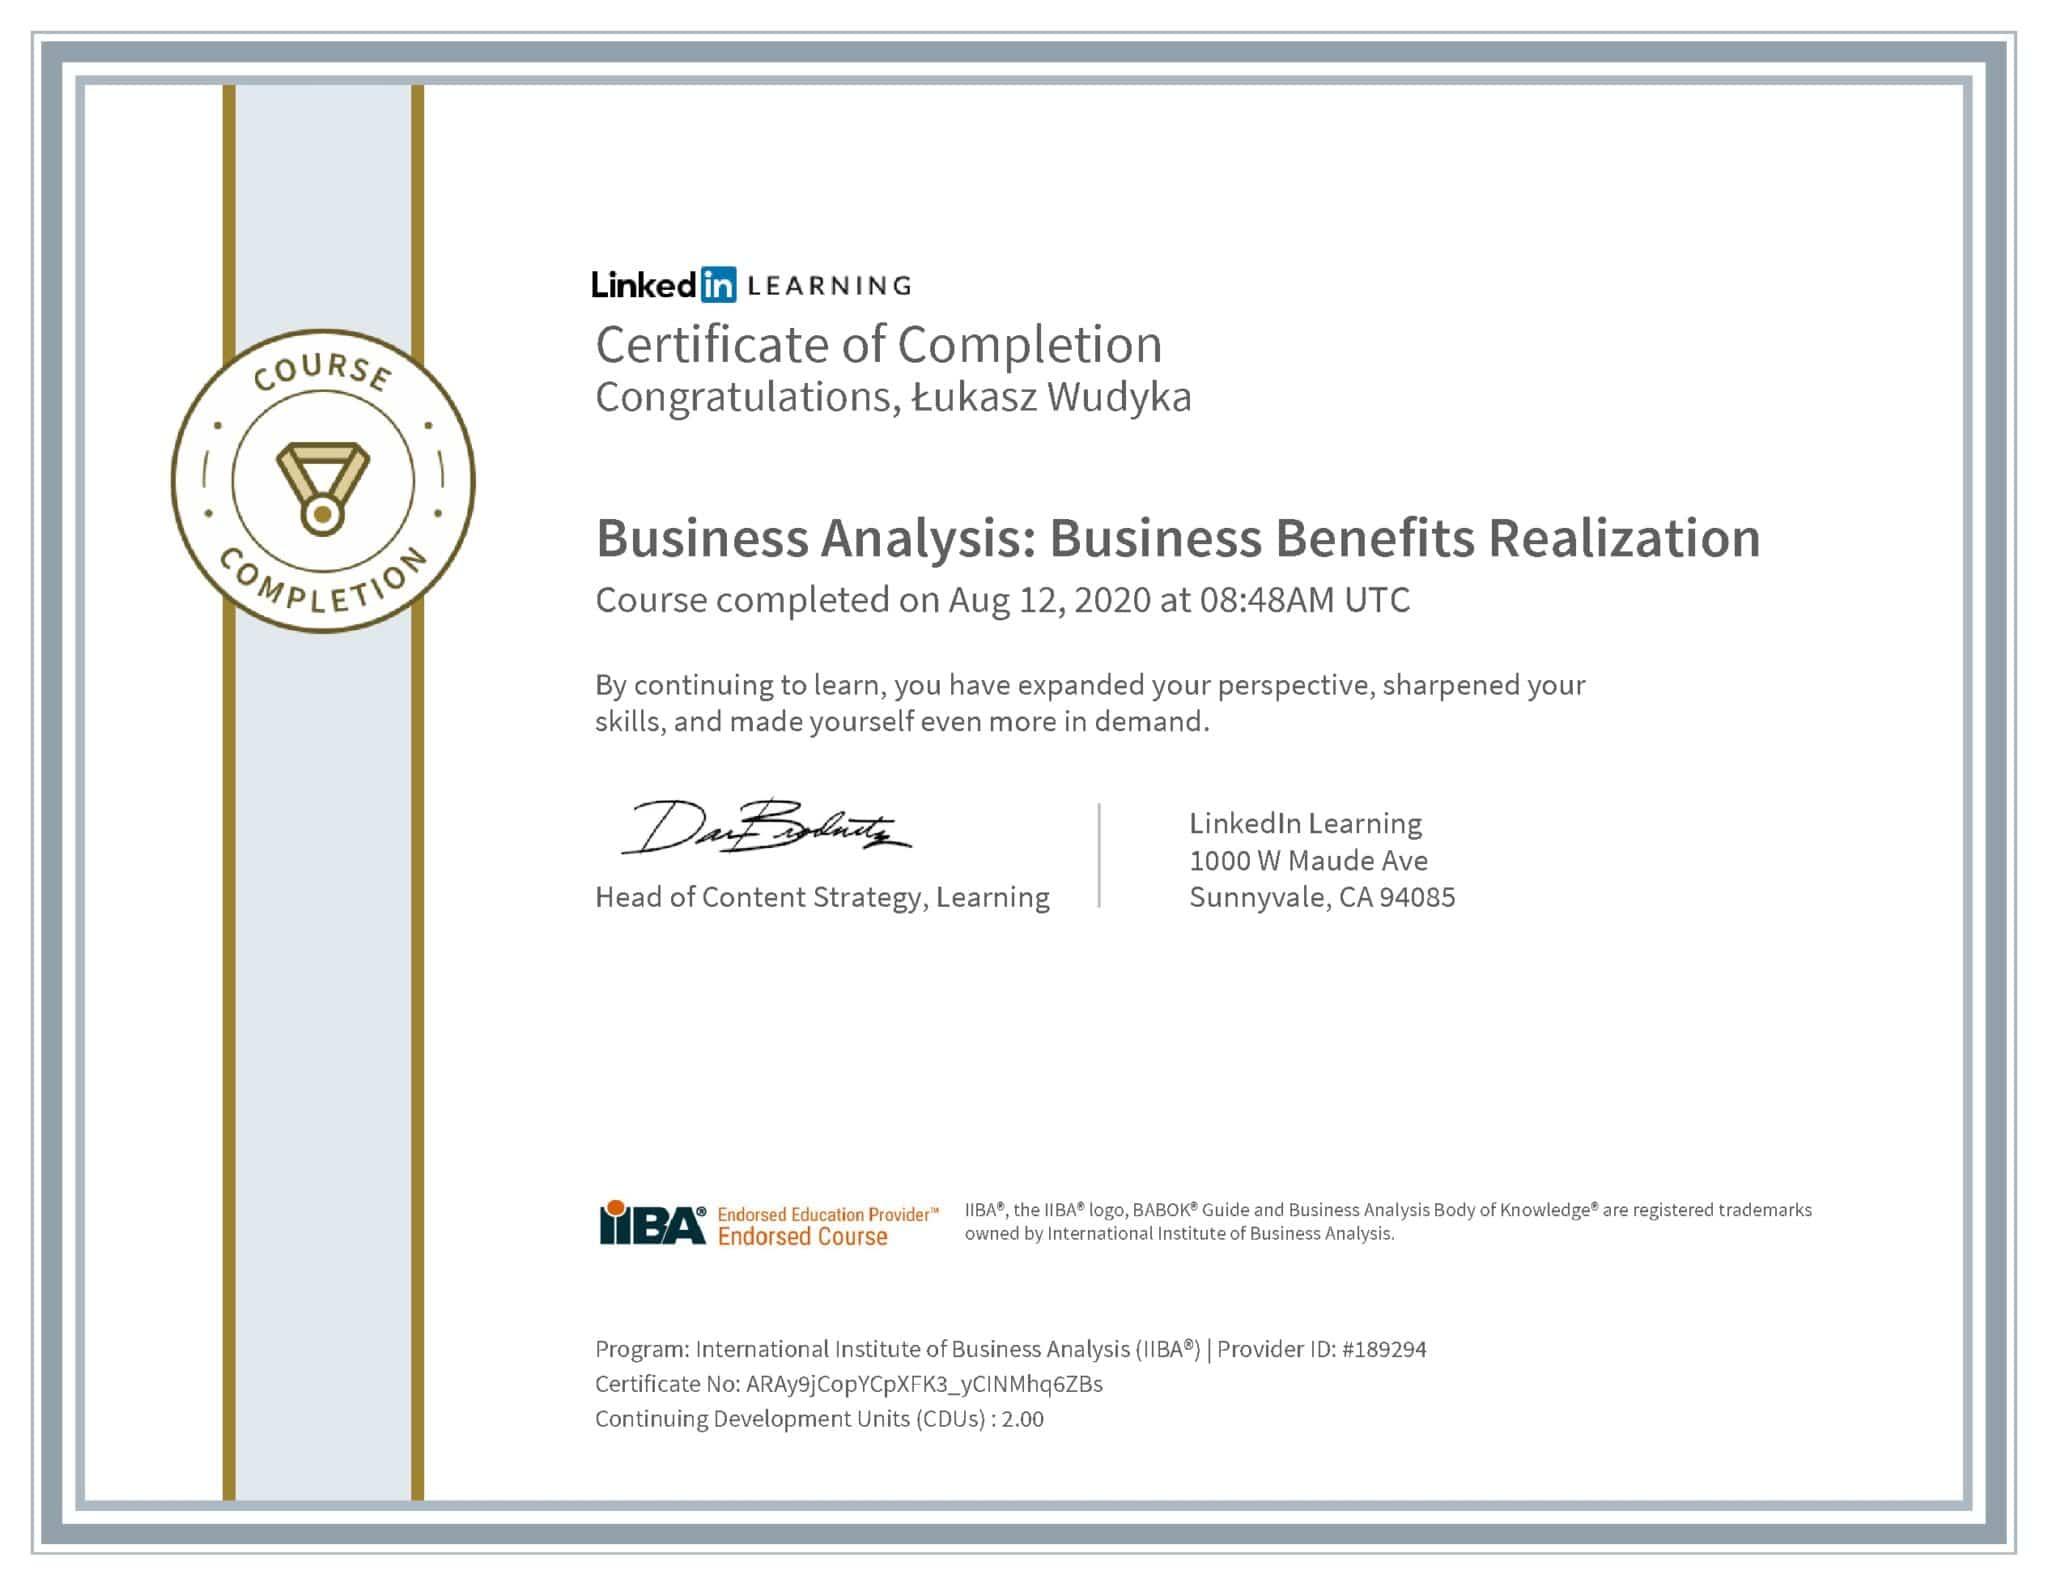 Łukasz Wudyka certyfikat LinkedIn Business Analysis: Business Benefits Realization IIBA